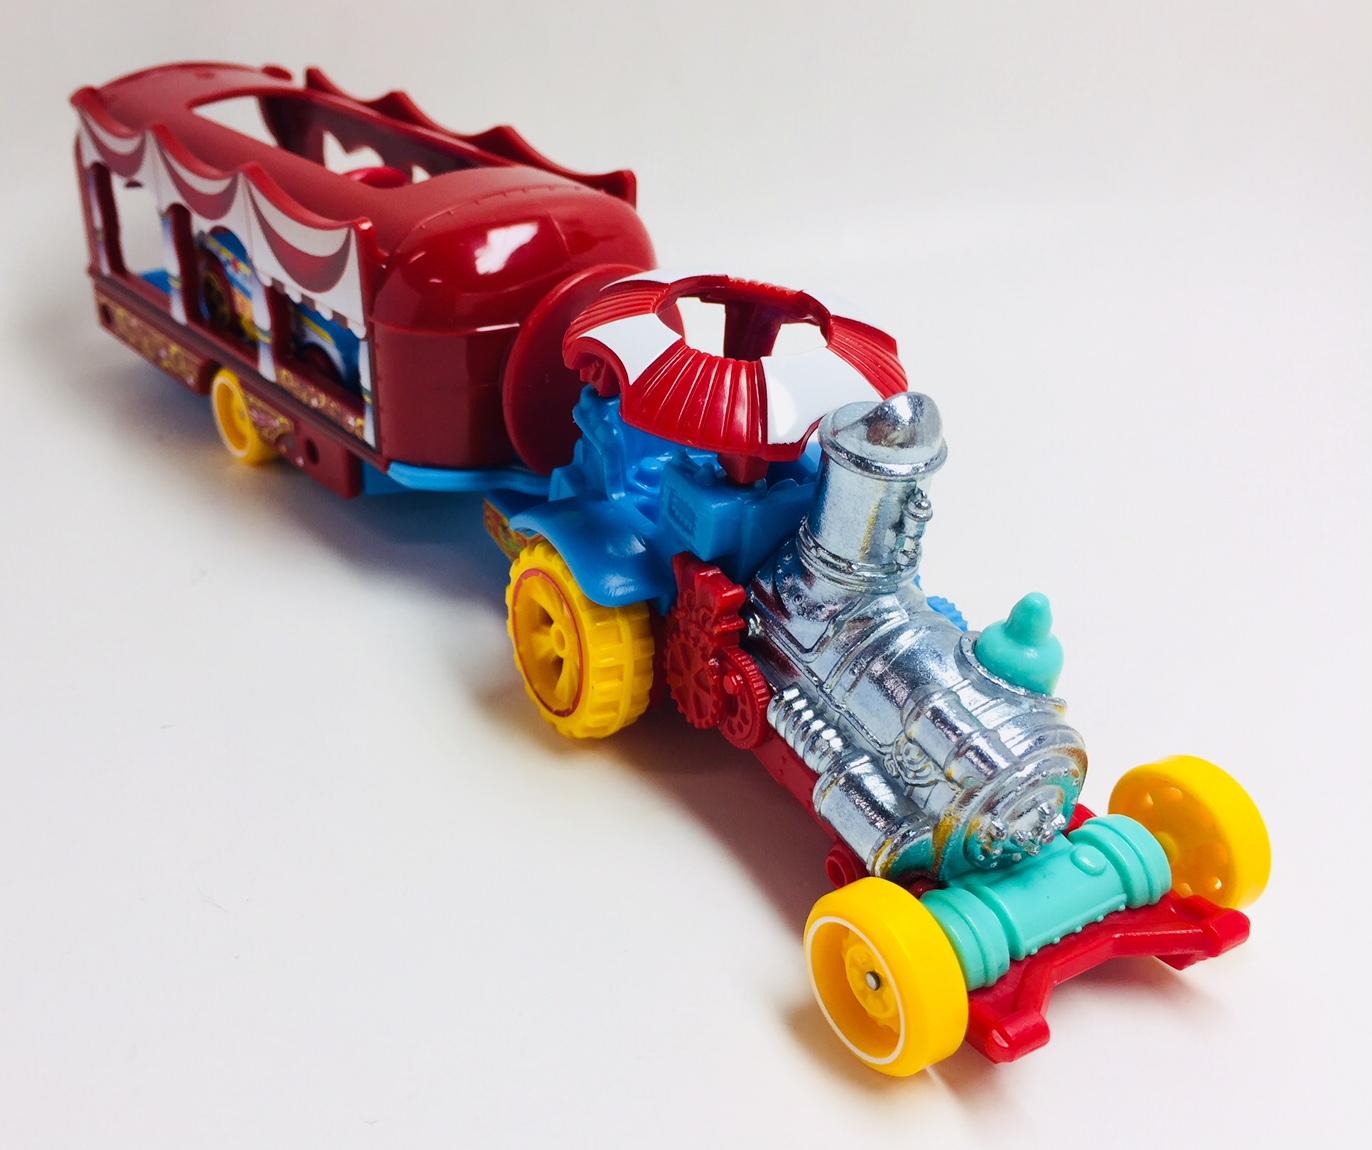 Car-Nival Steamer